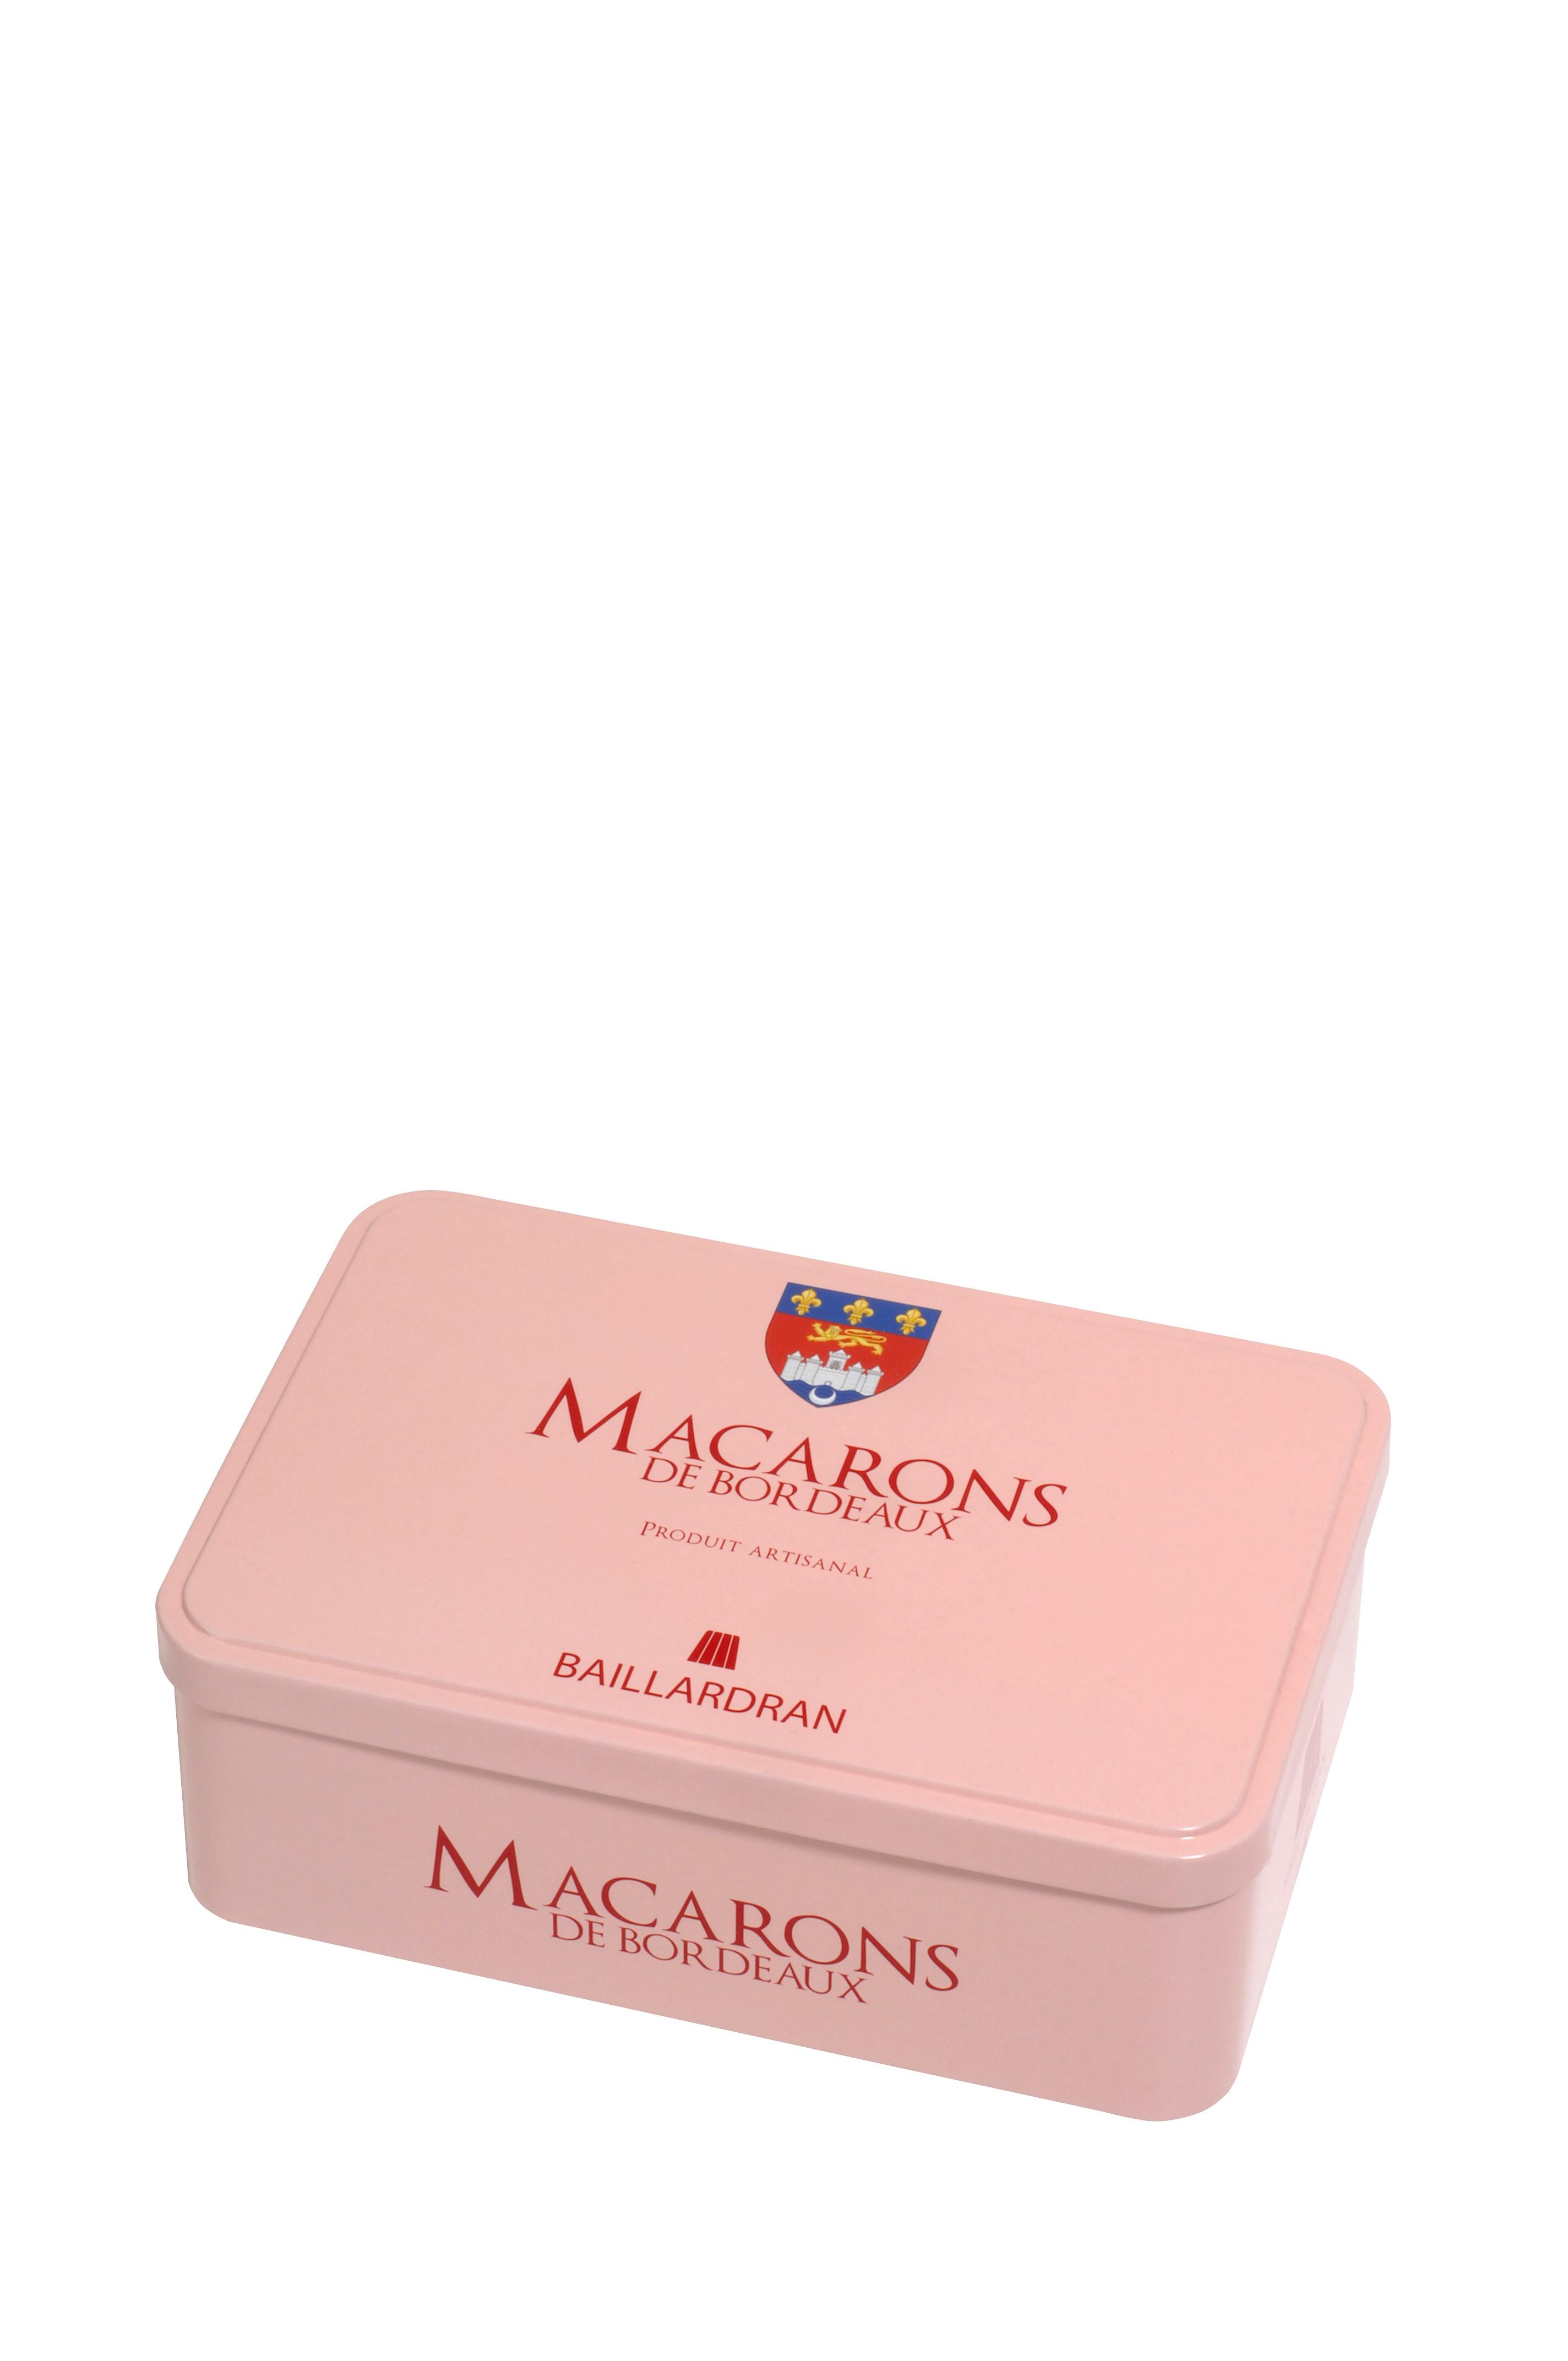 Le Macaron de Bordeaux